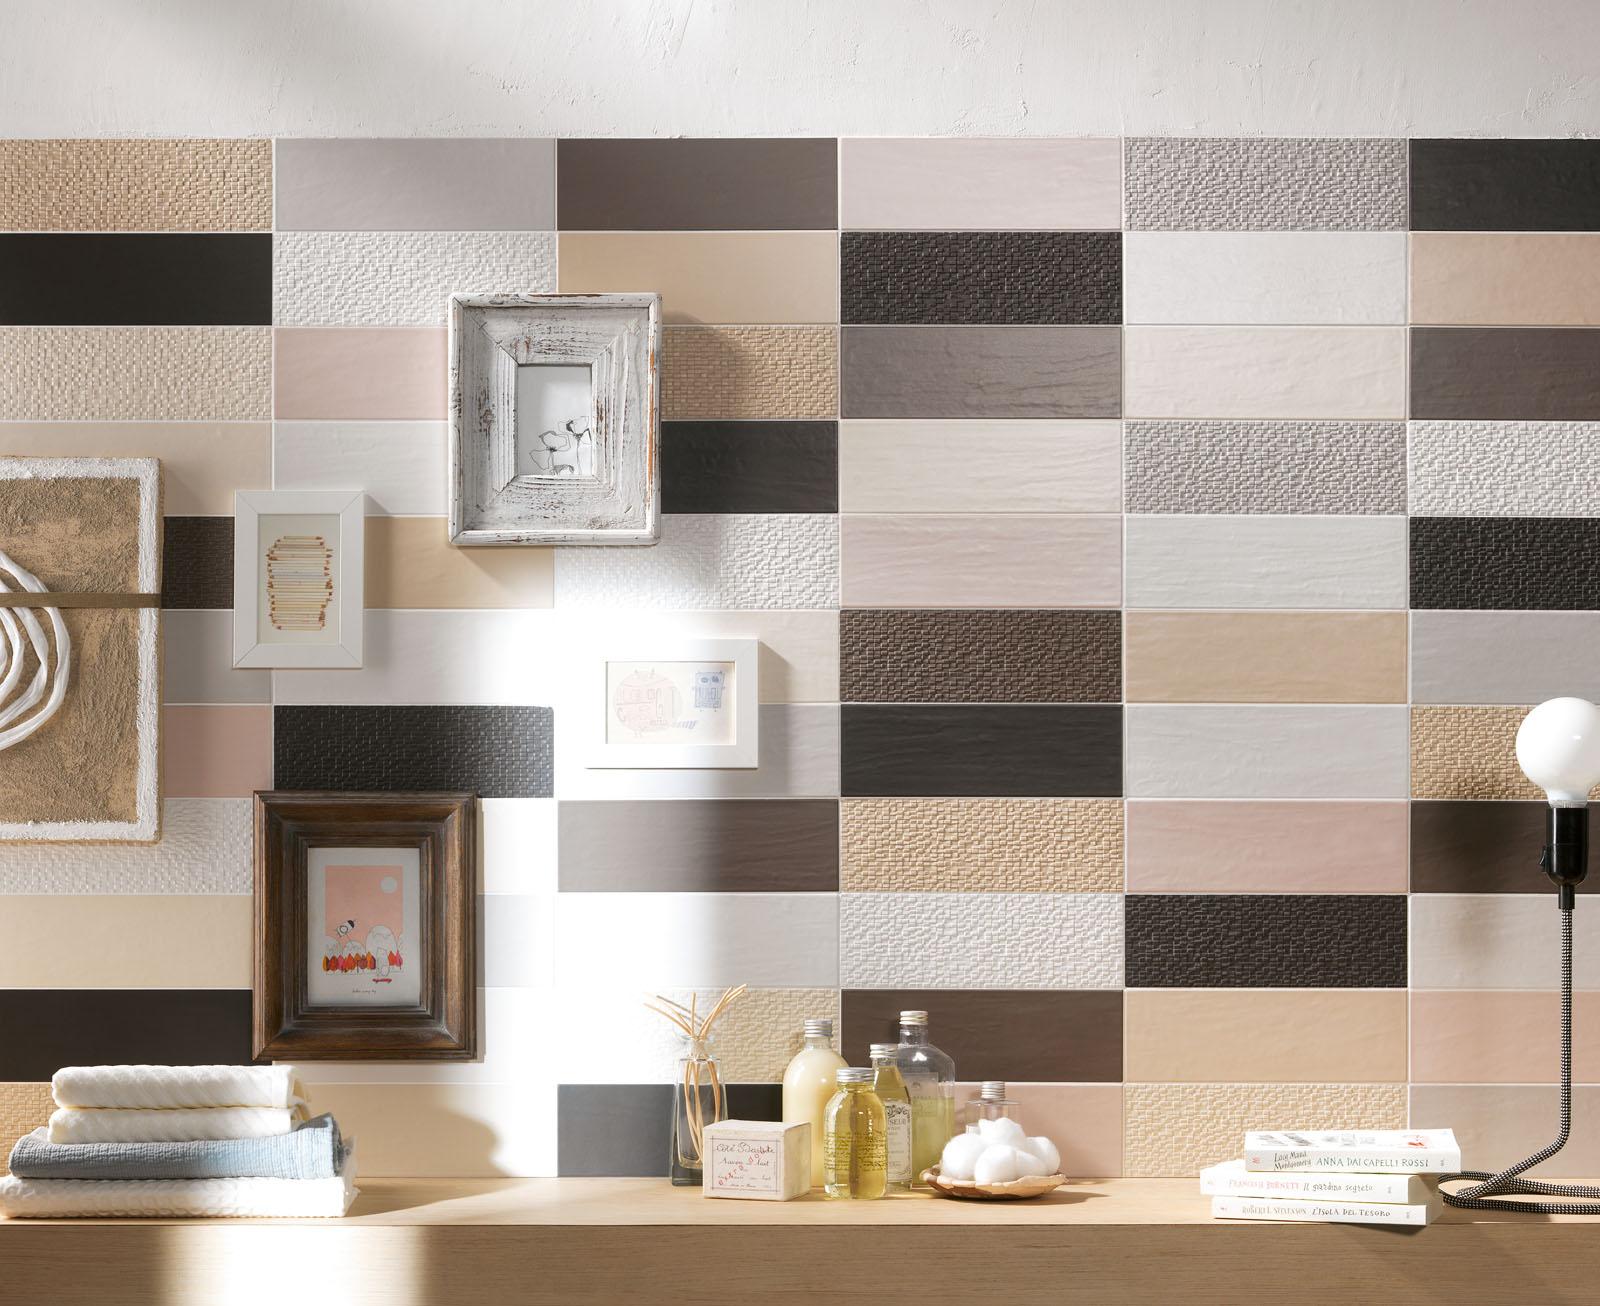 Piastrelle cucine moderne. mattoni per cucina in muratura idee di